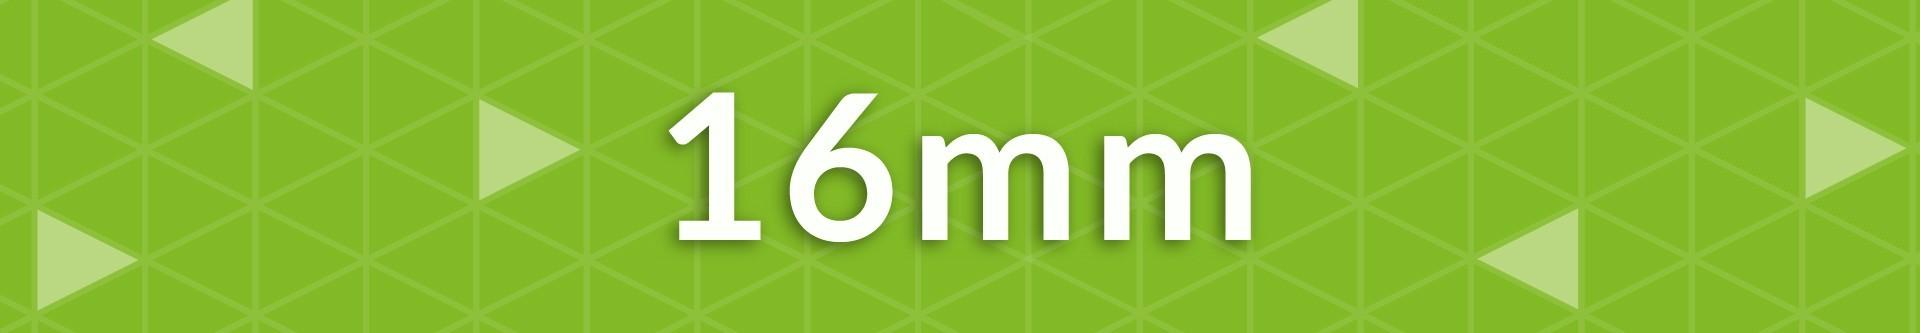 Grosor 16 mm